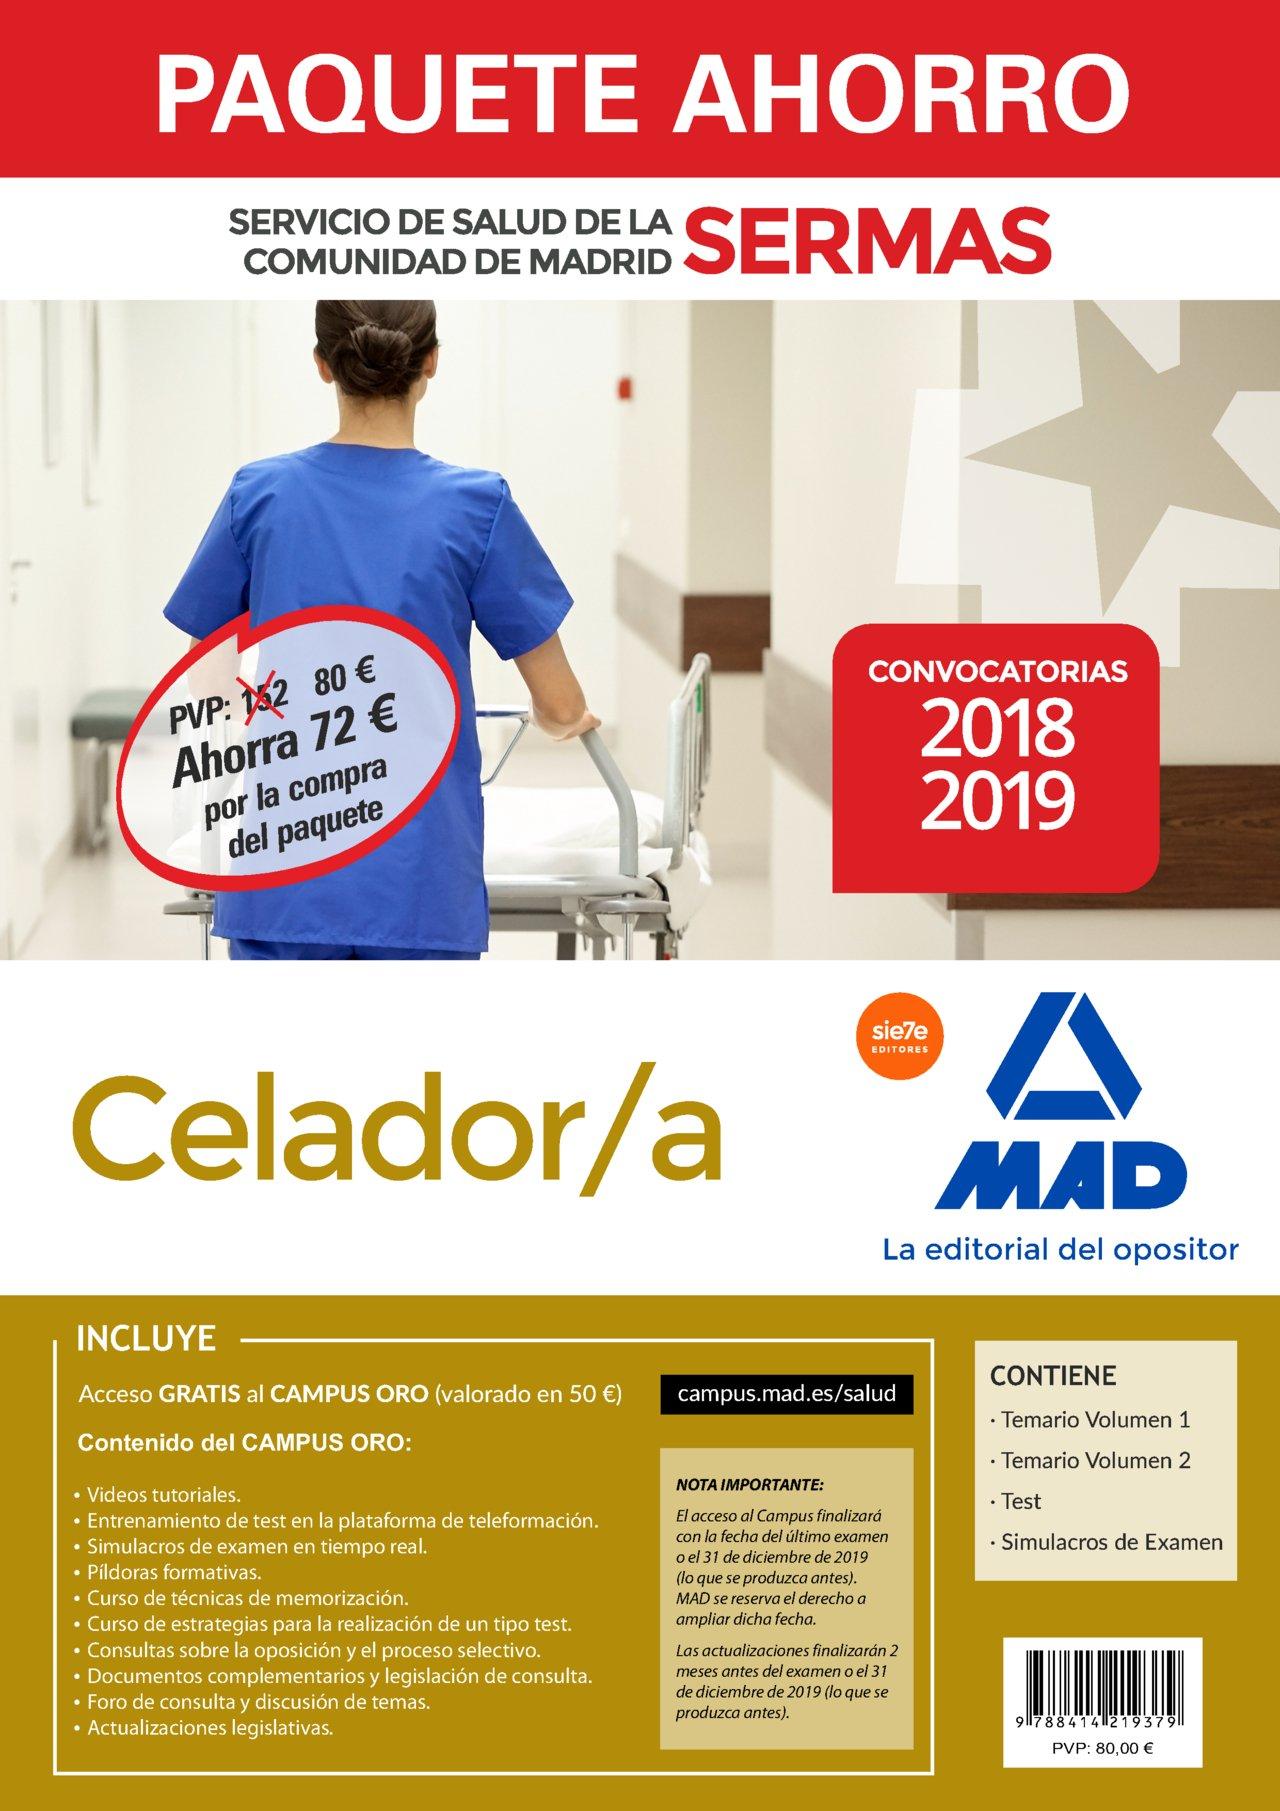 Paquete Ahorro Celador/a Servicio de Salud de la Comunidad de Madrid. Ahorro de 72 € incluye Temarios 1 y 2; Test; Simulacros de Examen y acceso a Campus ...